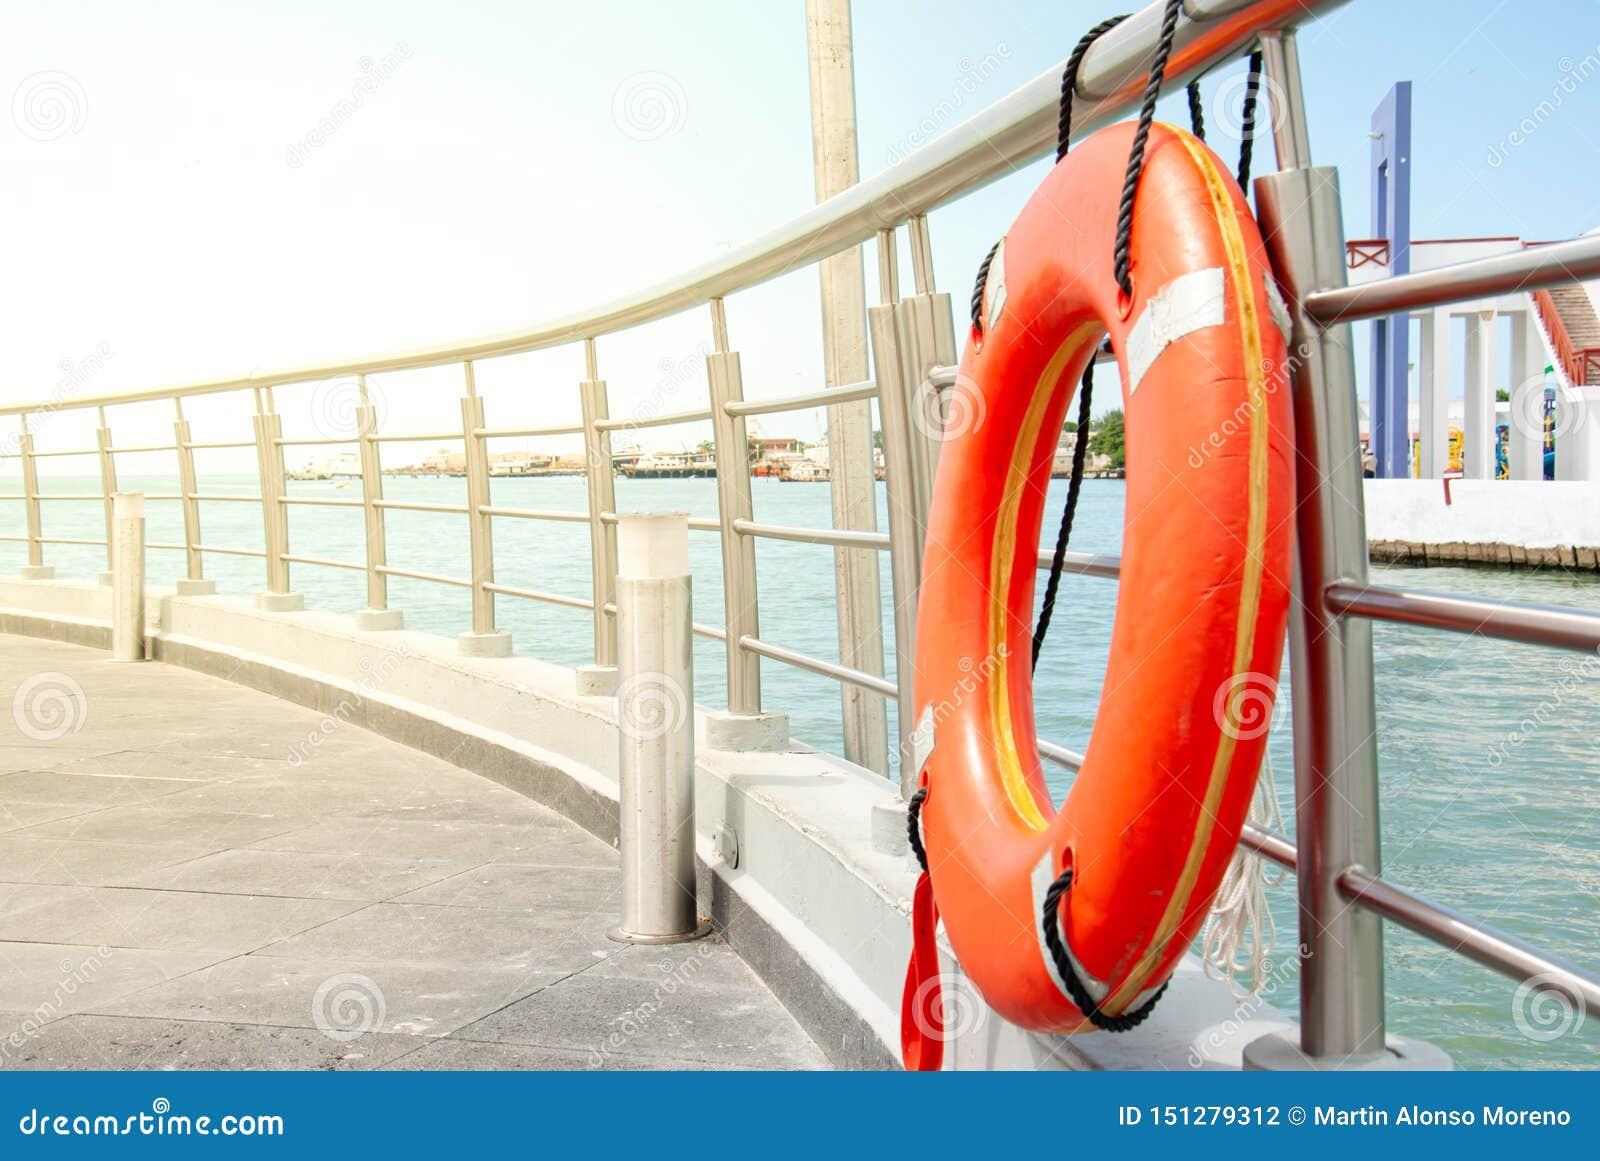 Pomarańczowy lifebuoy cumujący przy poręczem dok